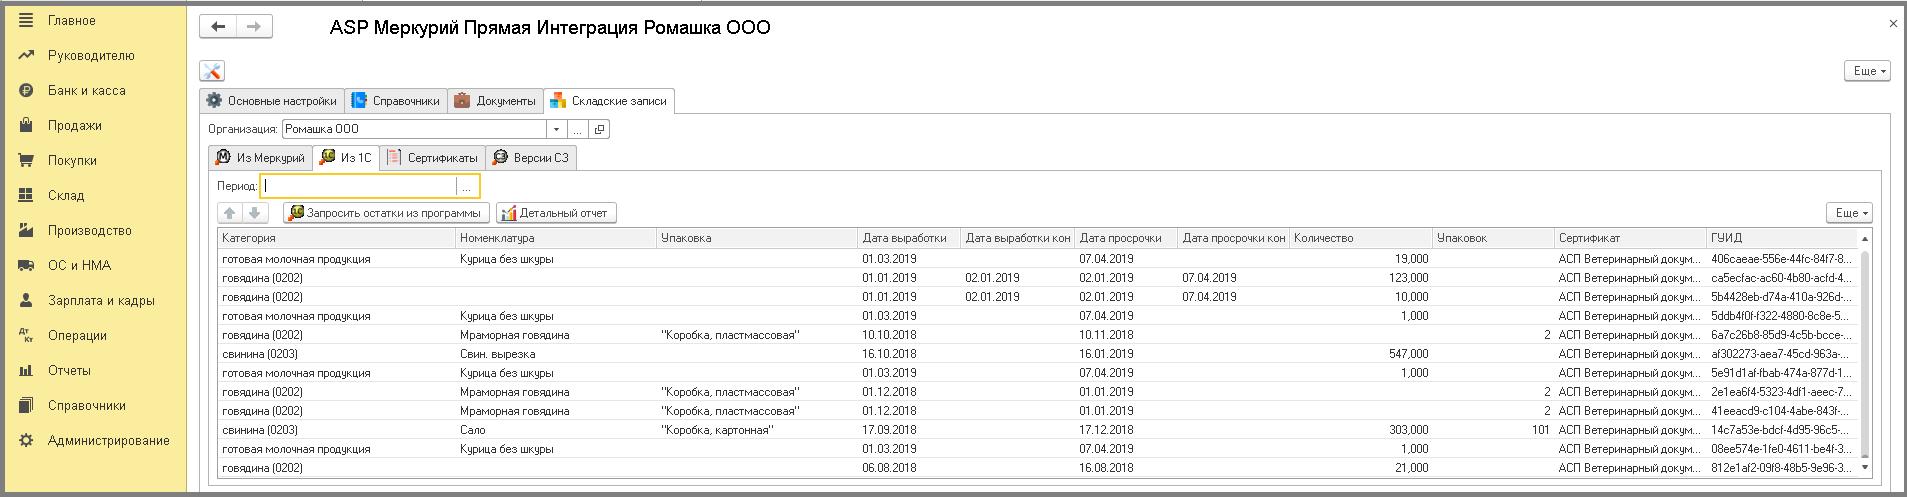 9. Пример раздела 'Складские записи' в подразделе 'Из 1С' (для просмотра остатков в 1С и детального отчета по движению складских записей)